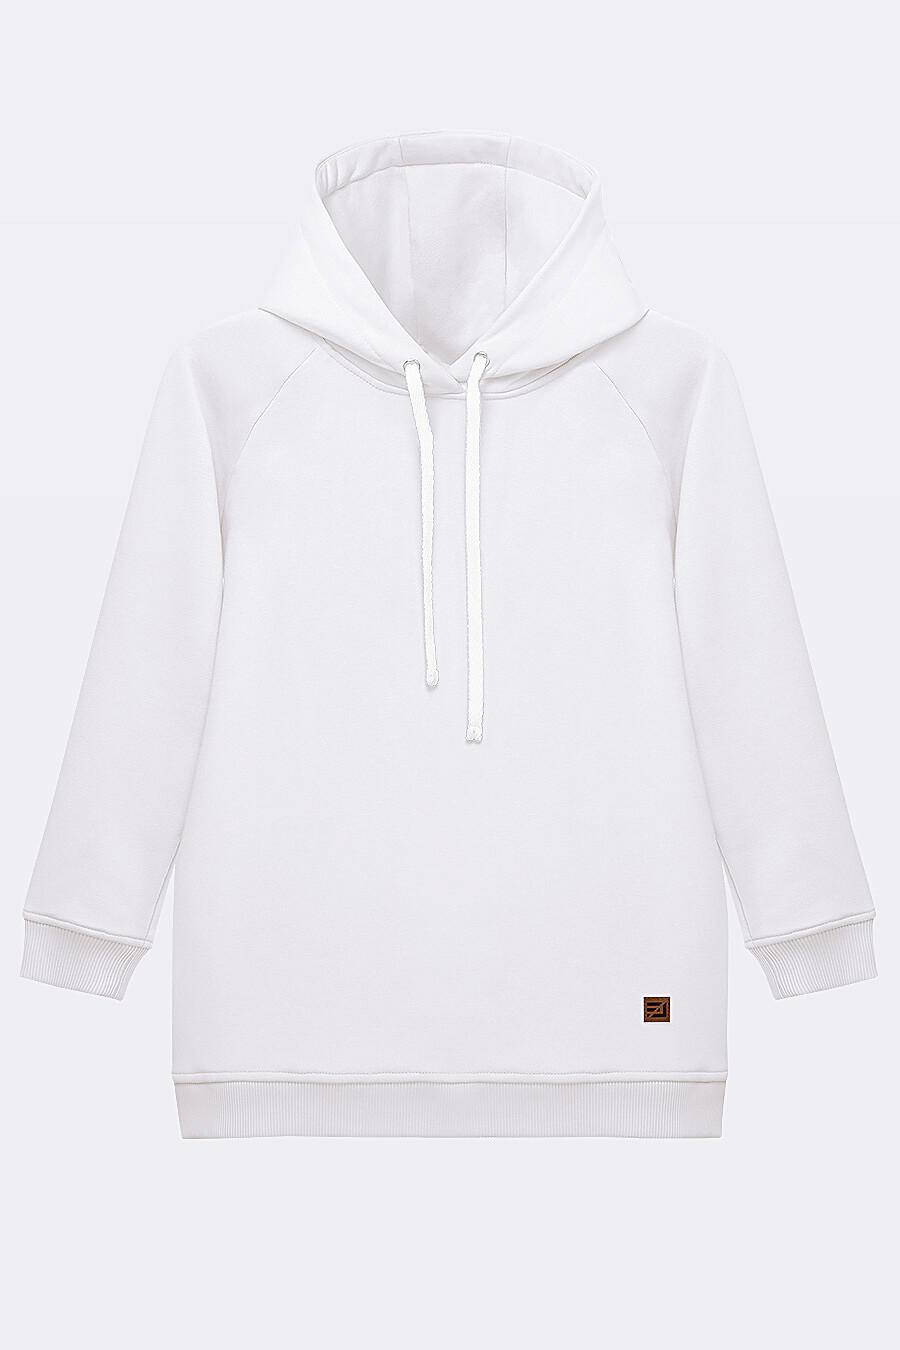 Худи для девочек EZANNA 682571 купить оптом от производителя. Совместная покупка детской одежды в OptMoyo